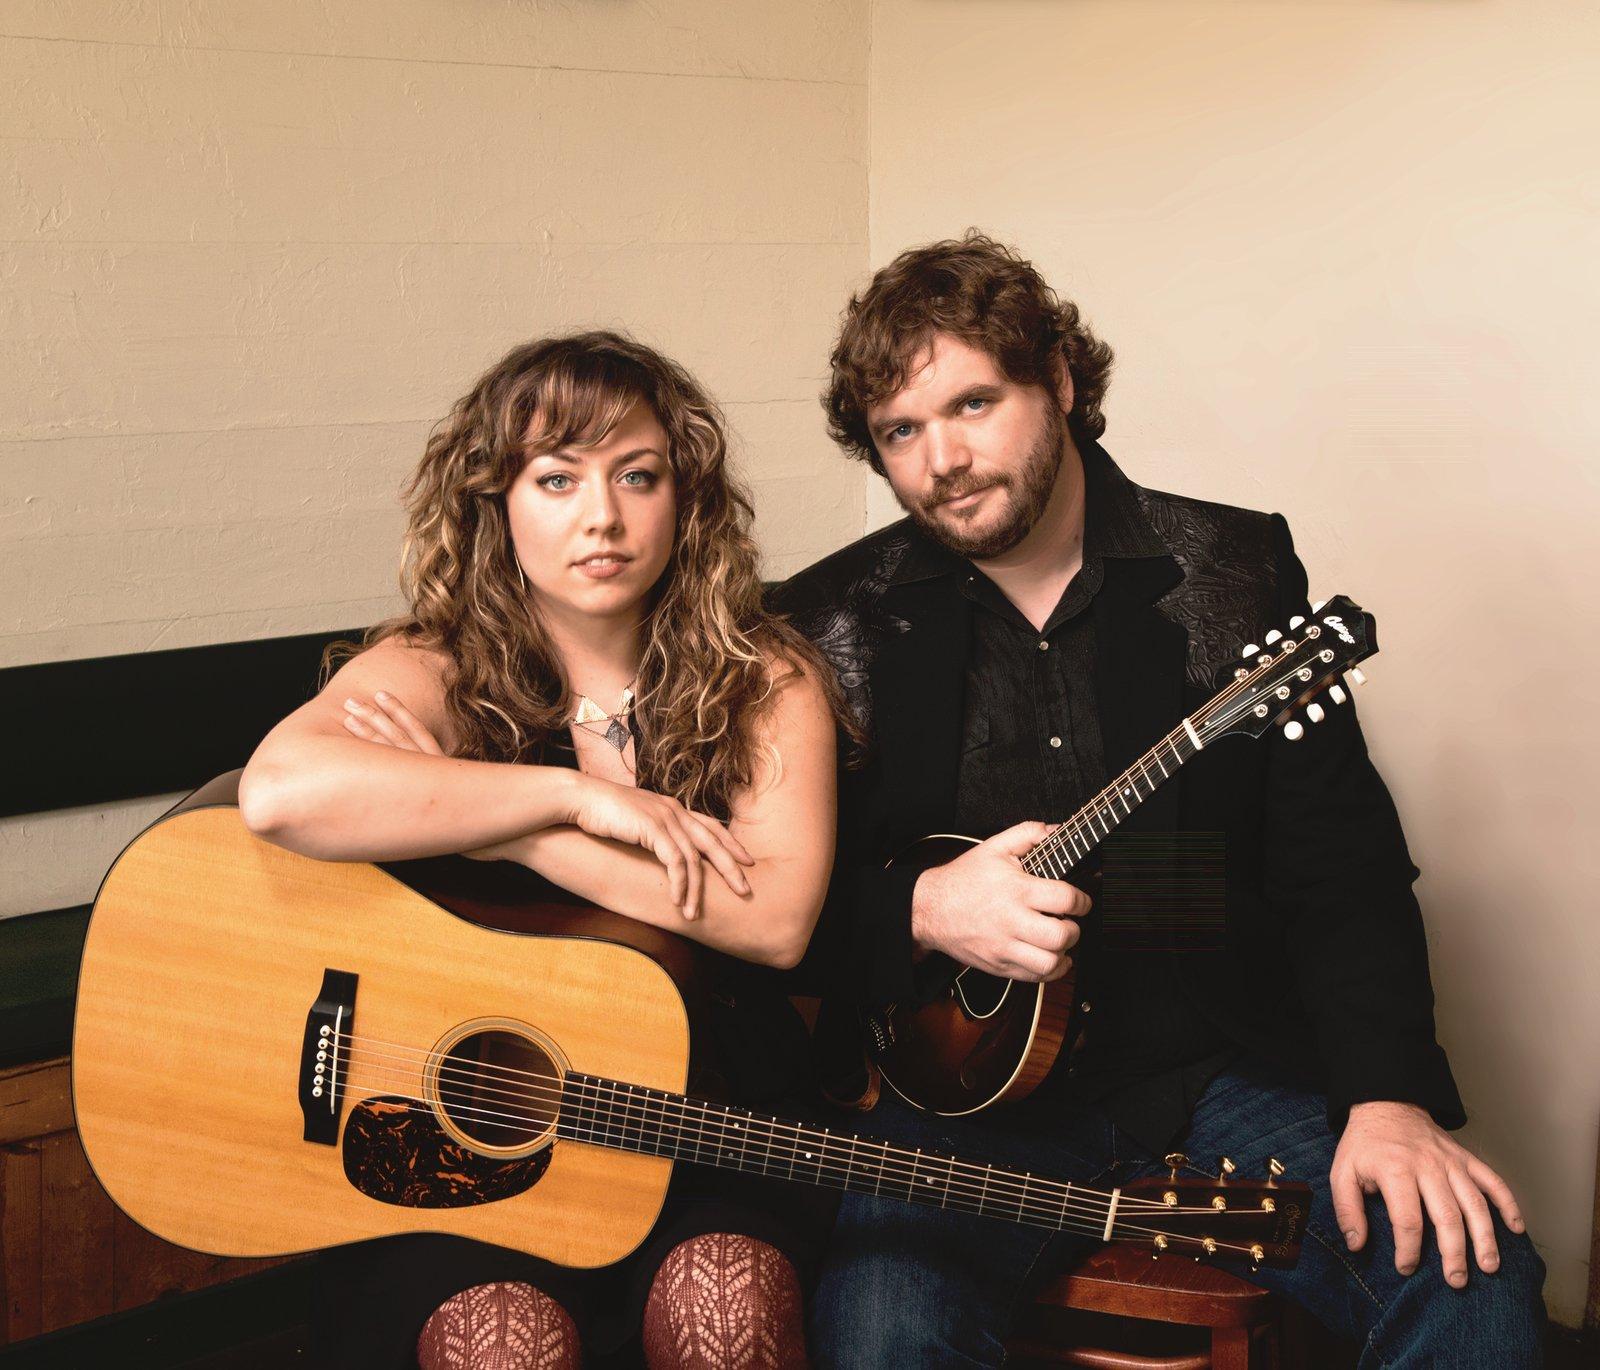 Melody Walker & Jacob Groopman